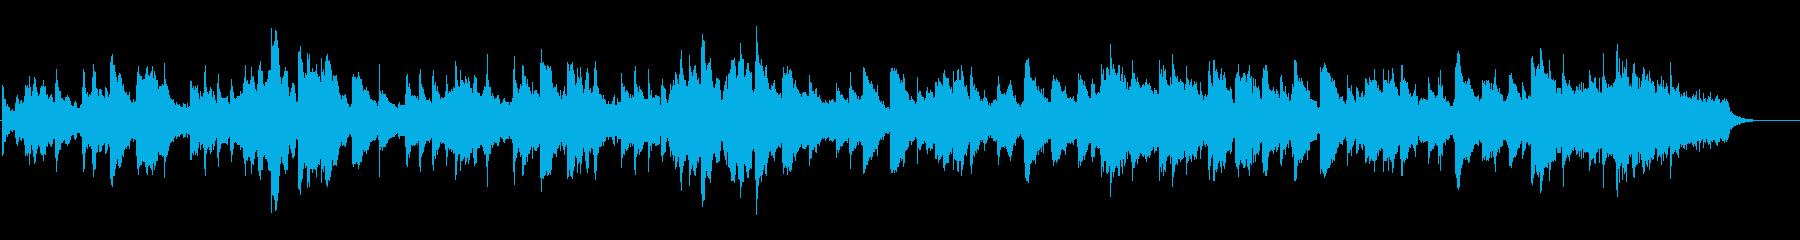 60年代米国映画風なラグジュアリージャズの再生済みの波形